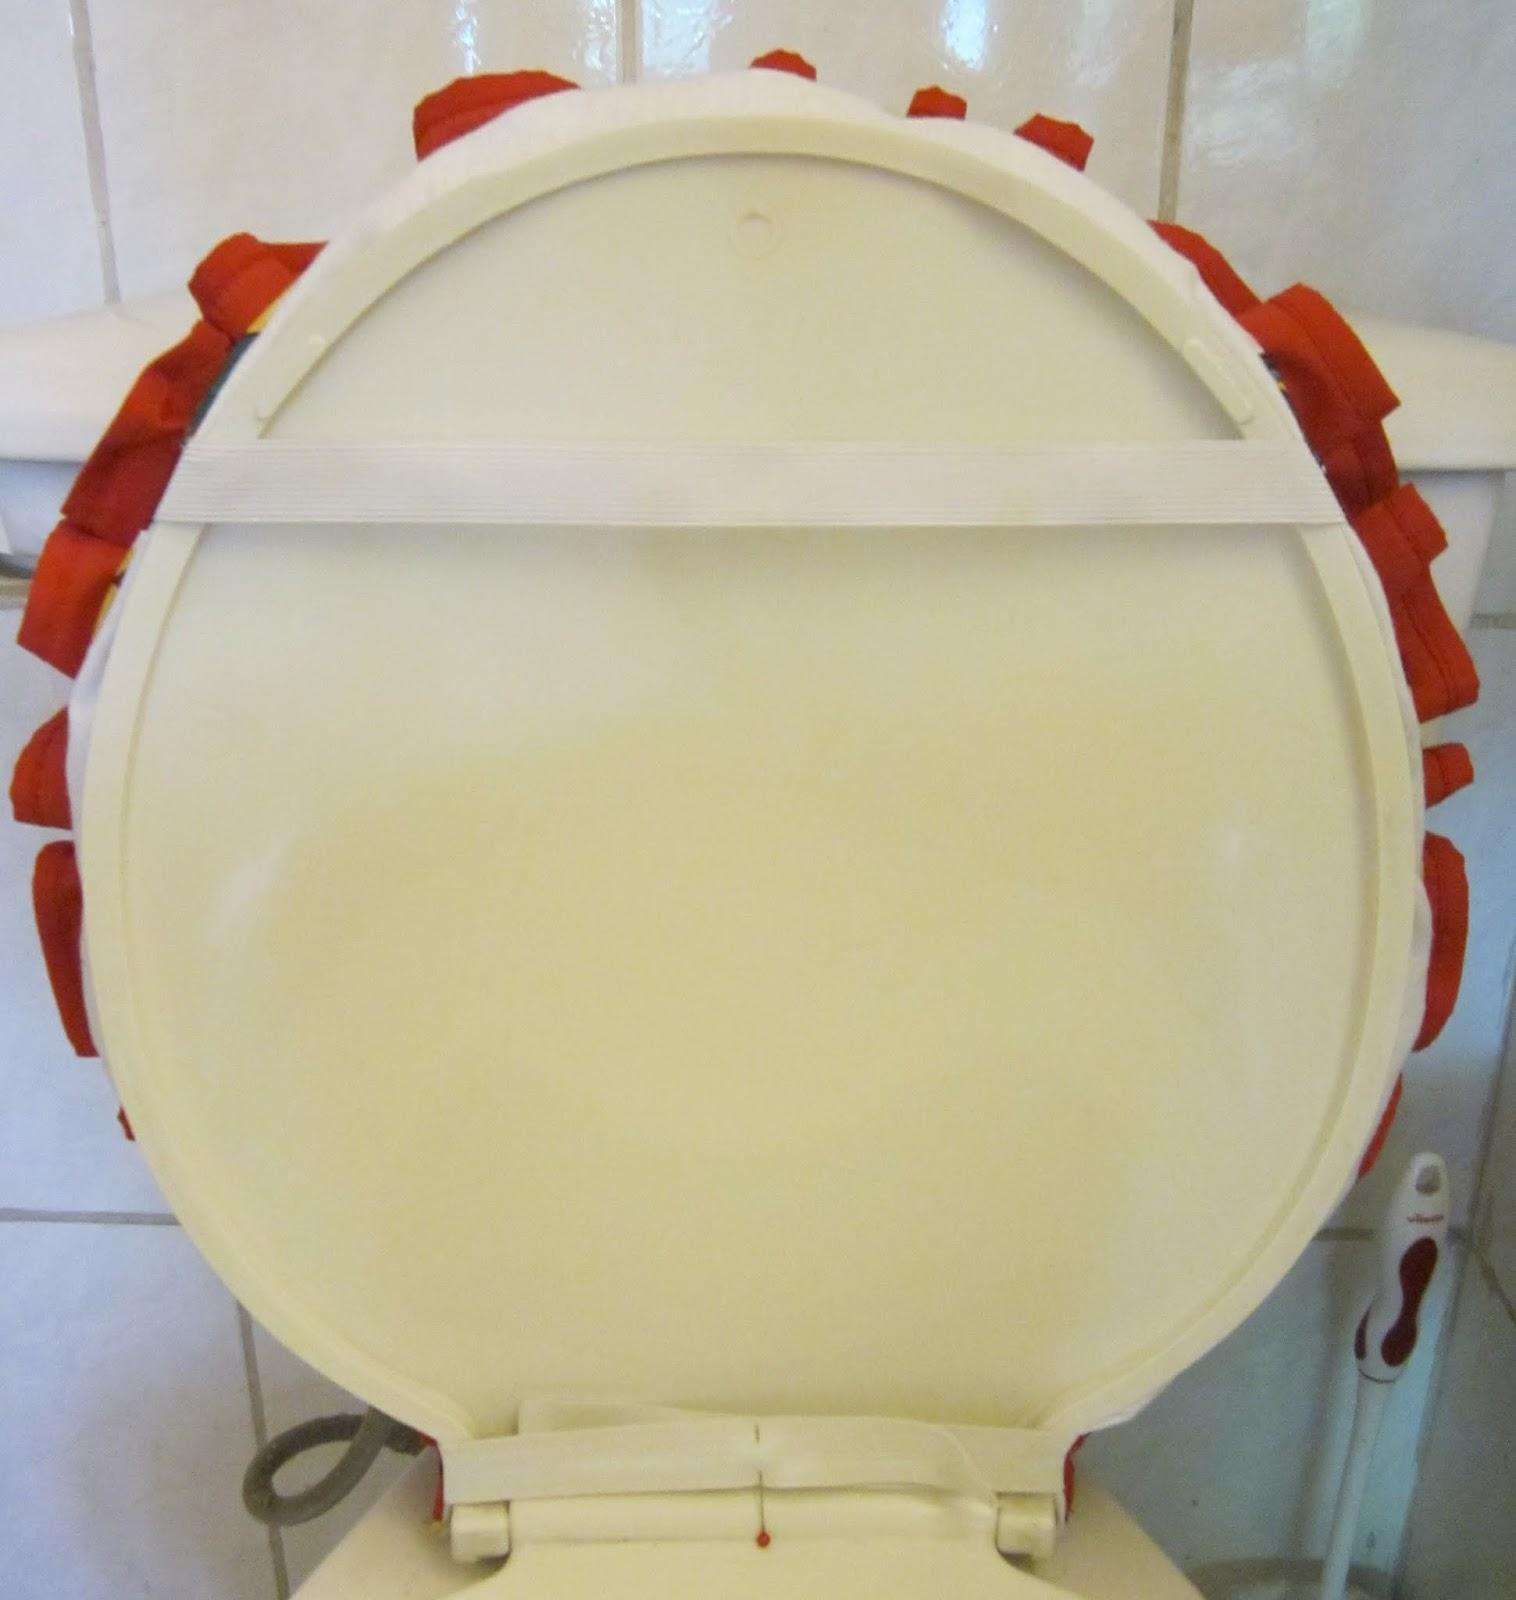 Necesito Un Baño Juego:juego-de-baño-navidad-decoracion-hogar-baño-031JPG